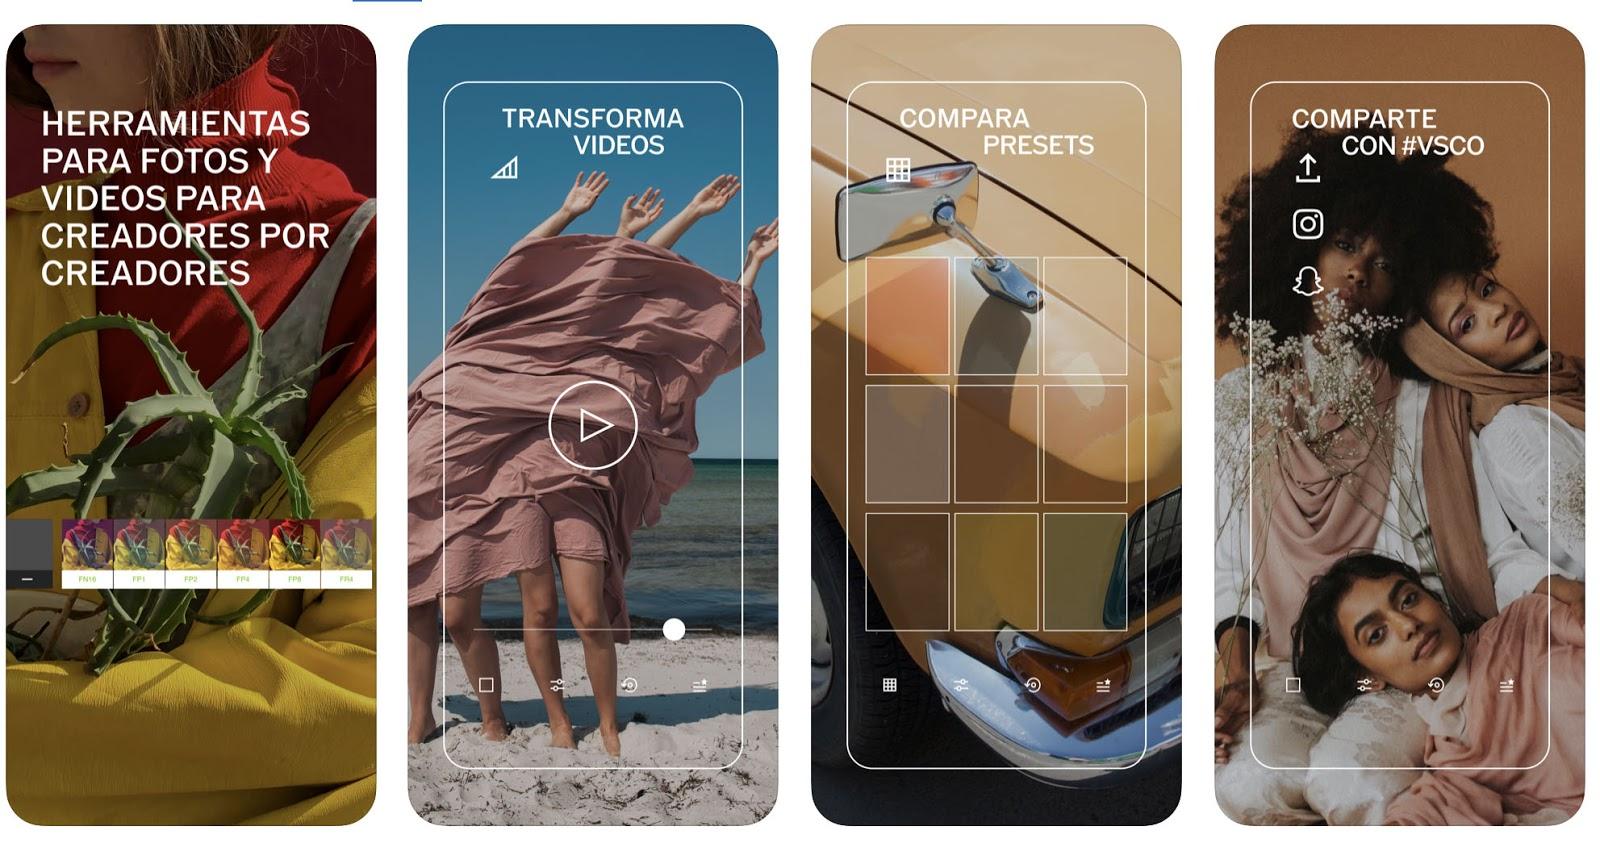 Aplicaciones de Instagram: app de edición de fotos y videos VSCO